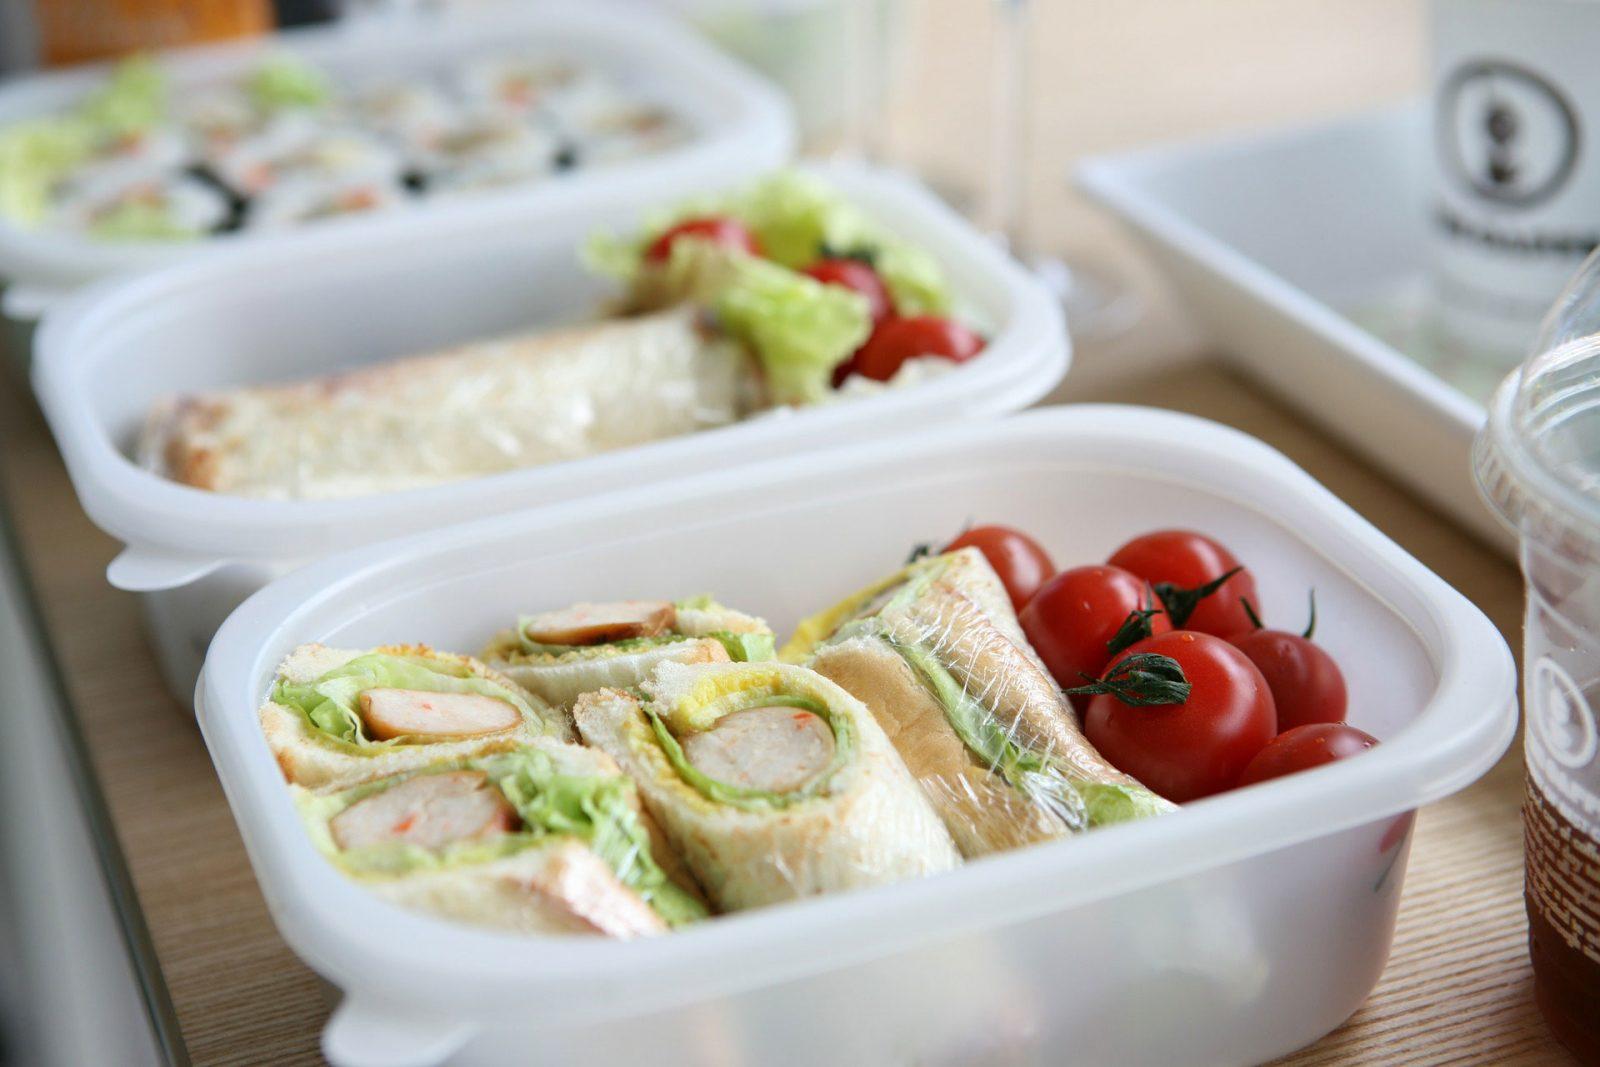 Контейнер с продуктами питания: фаршированные блины, помидоры, салат